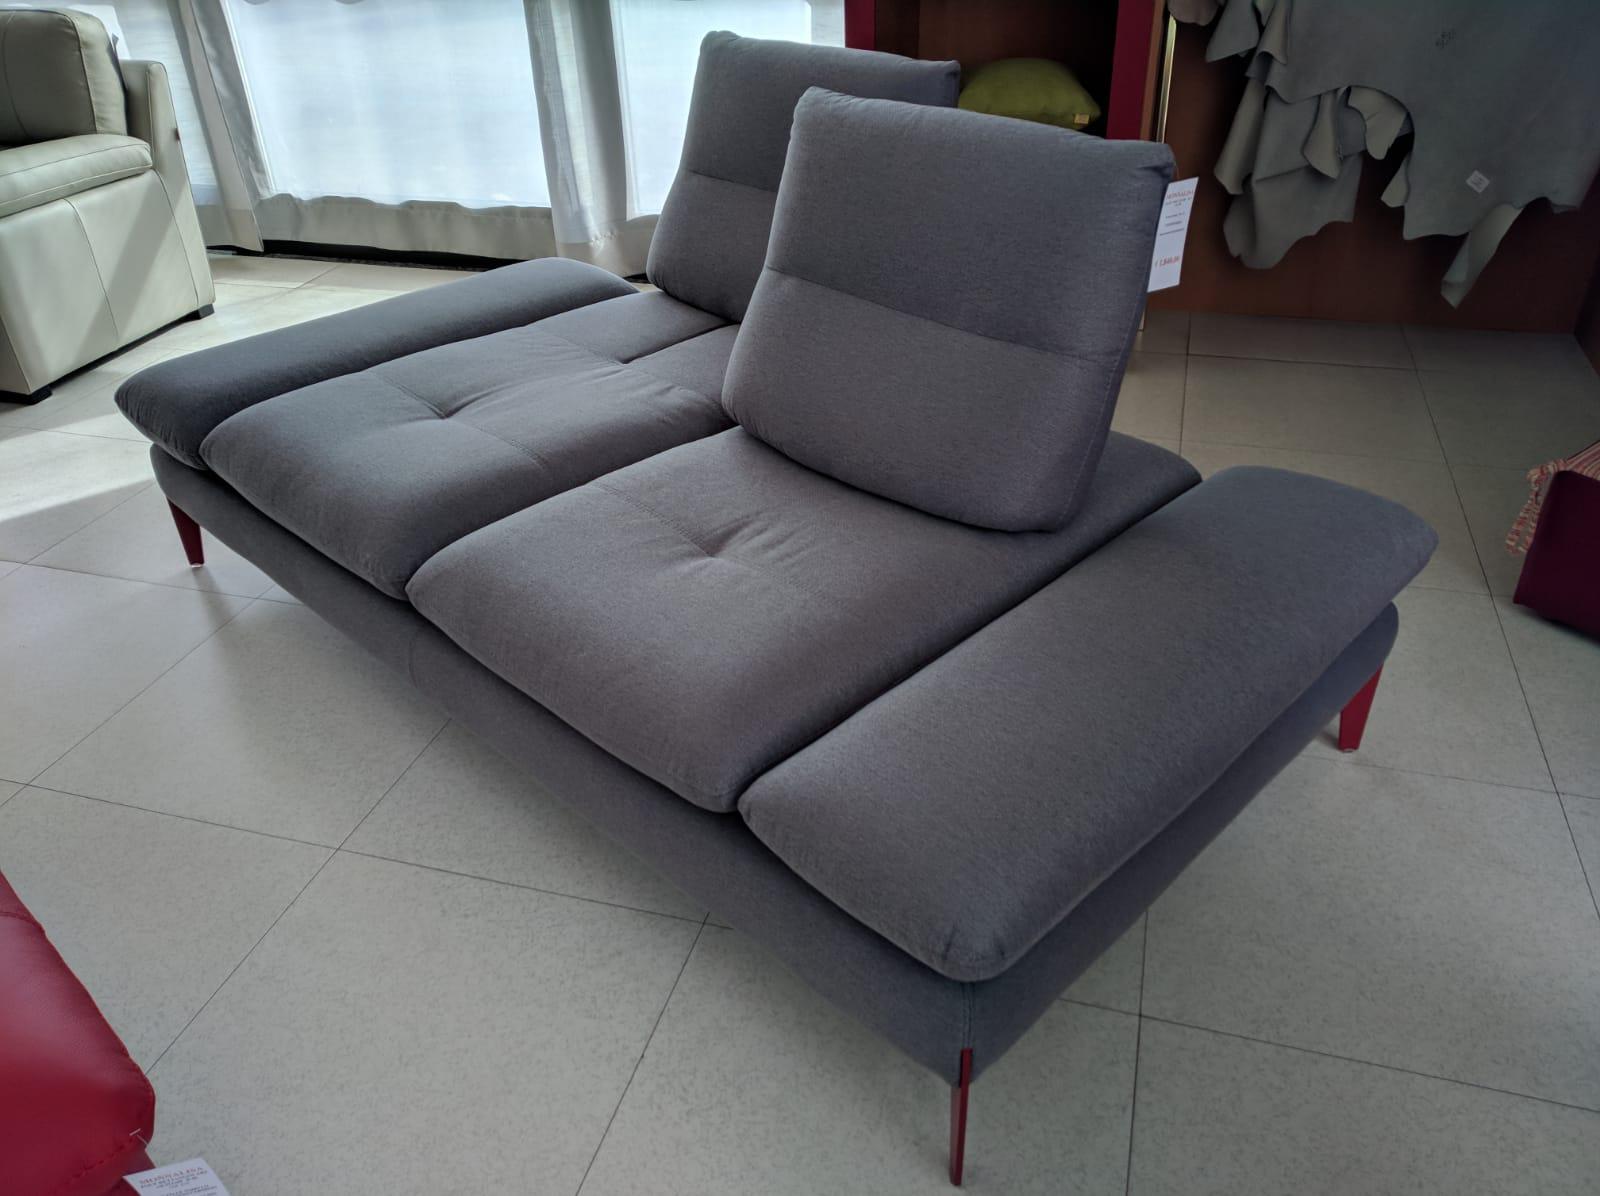 divano monnalisa in pronta consegna - nuova tag varese